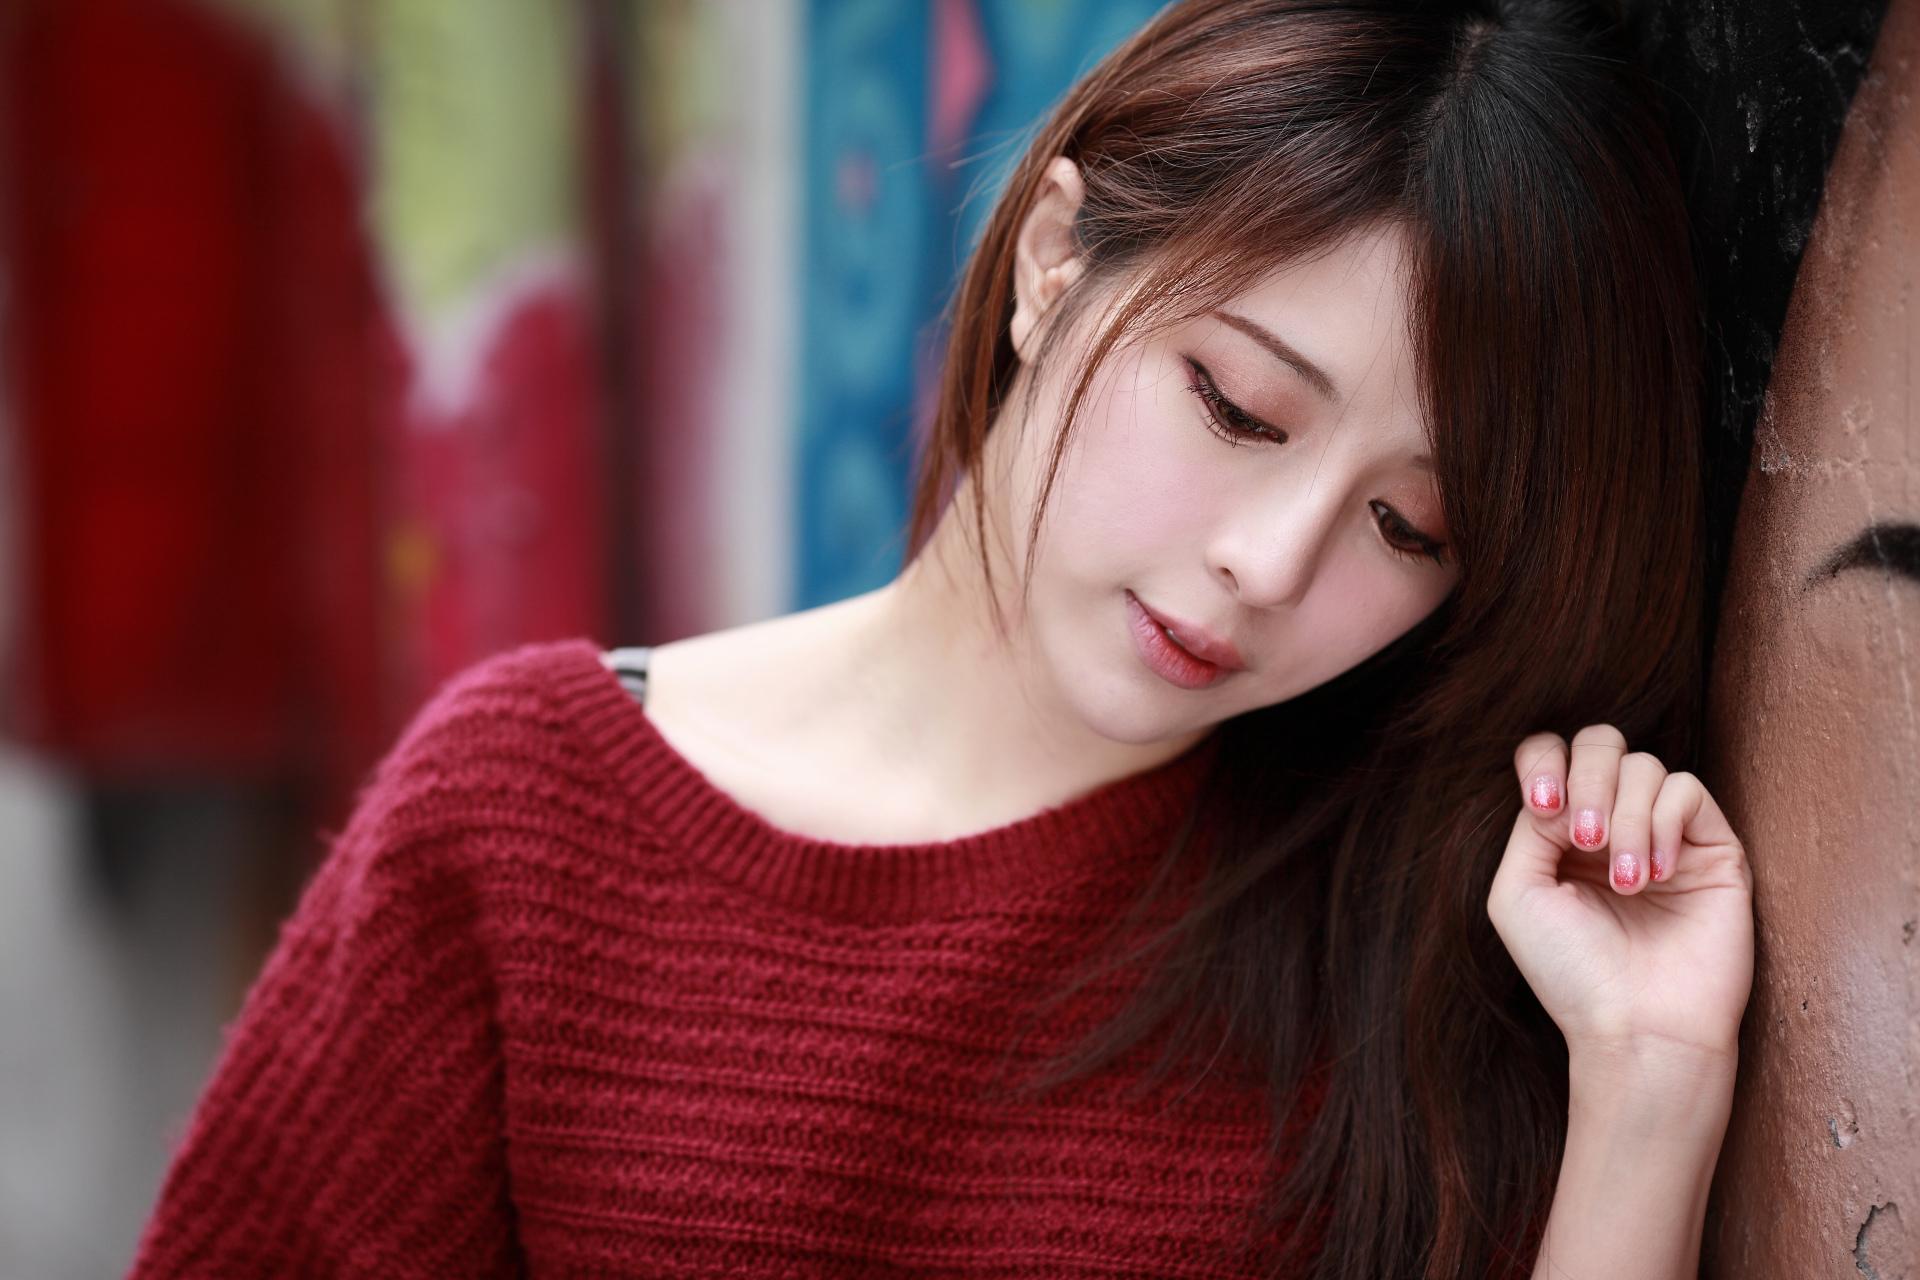 Zhang Qi Jun wallpapers HD quality